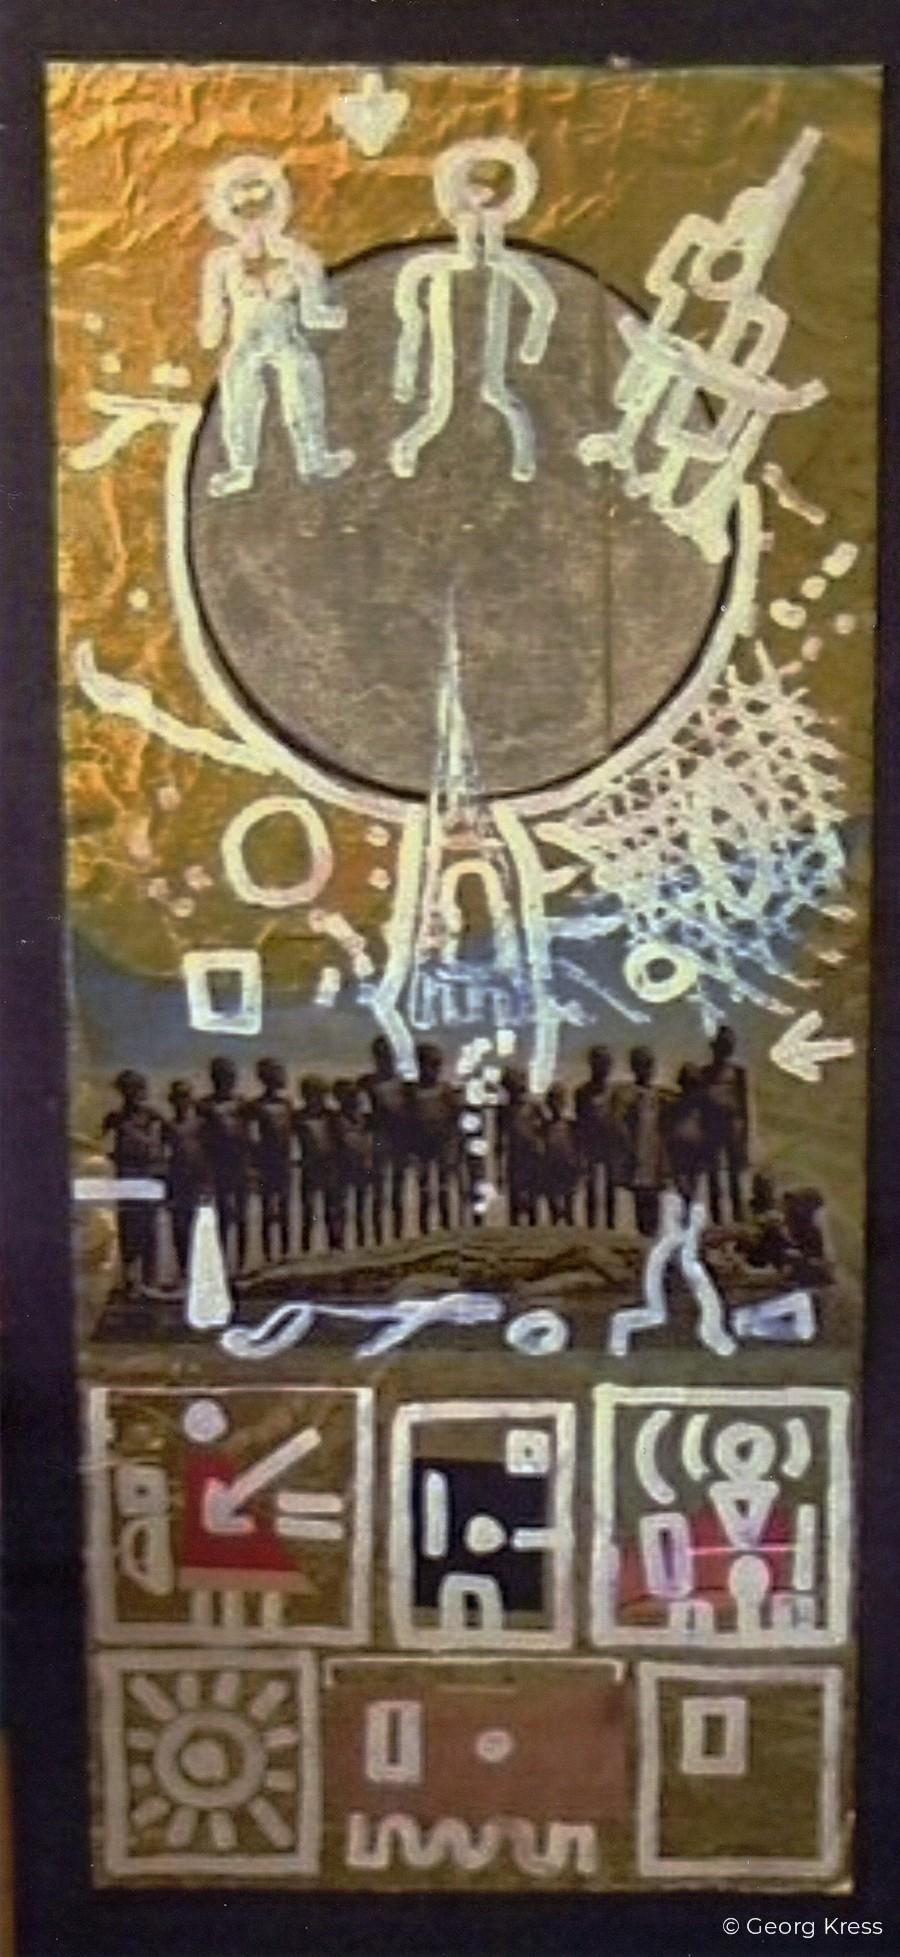 Surreale Imaginationsreise zum Mond. 1976. Dispersion, Collage auf Folie, Holz.